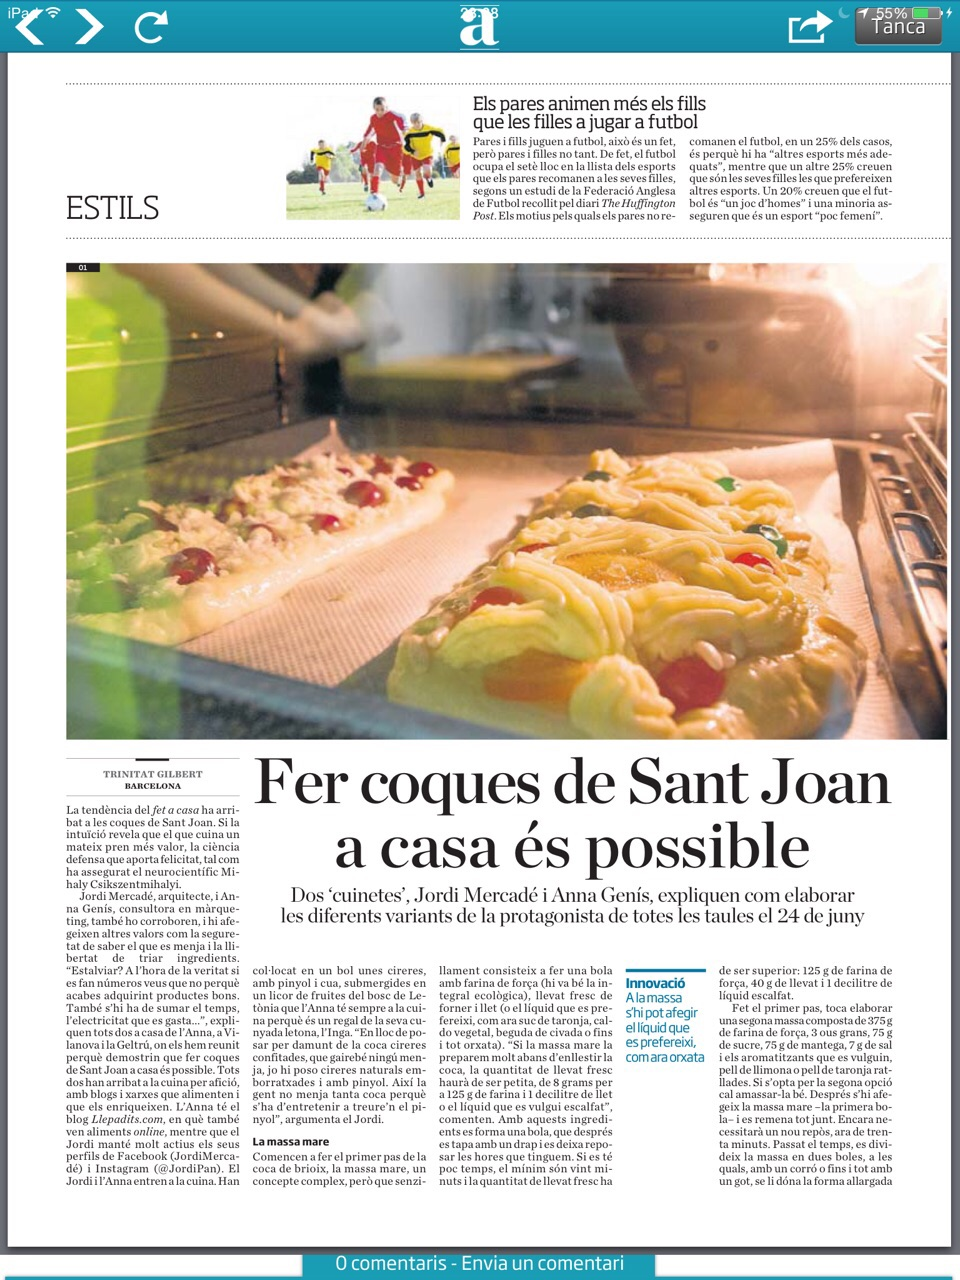 diari Ara, llepadits premsa, coques Sant Joan, com fer coca a casa